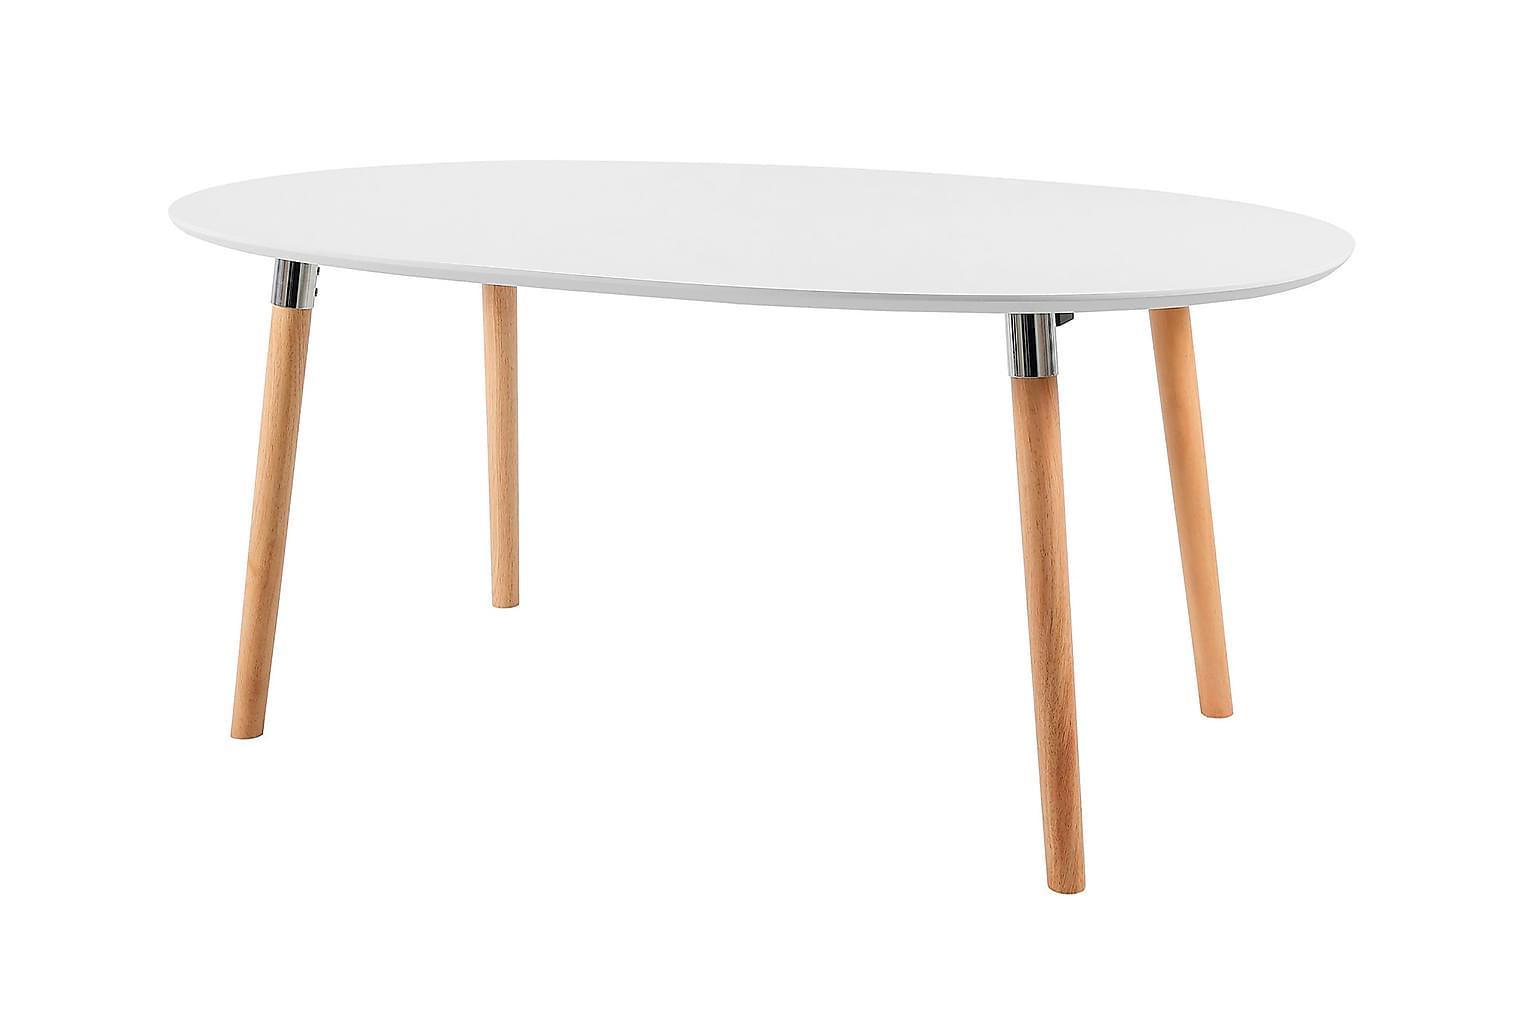 BELLTON Pöytä 170 Valkoinen/Puujalat